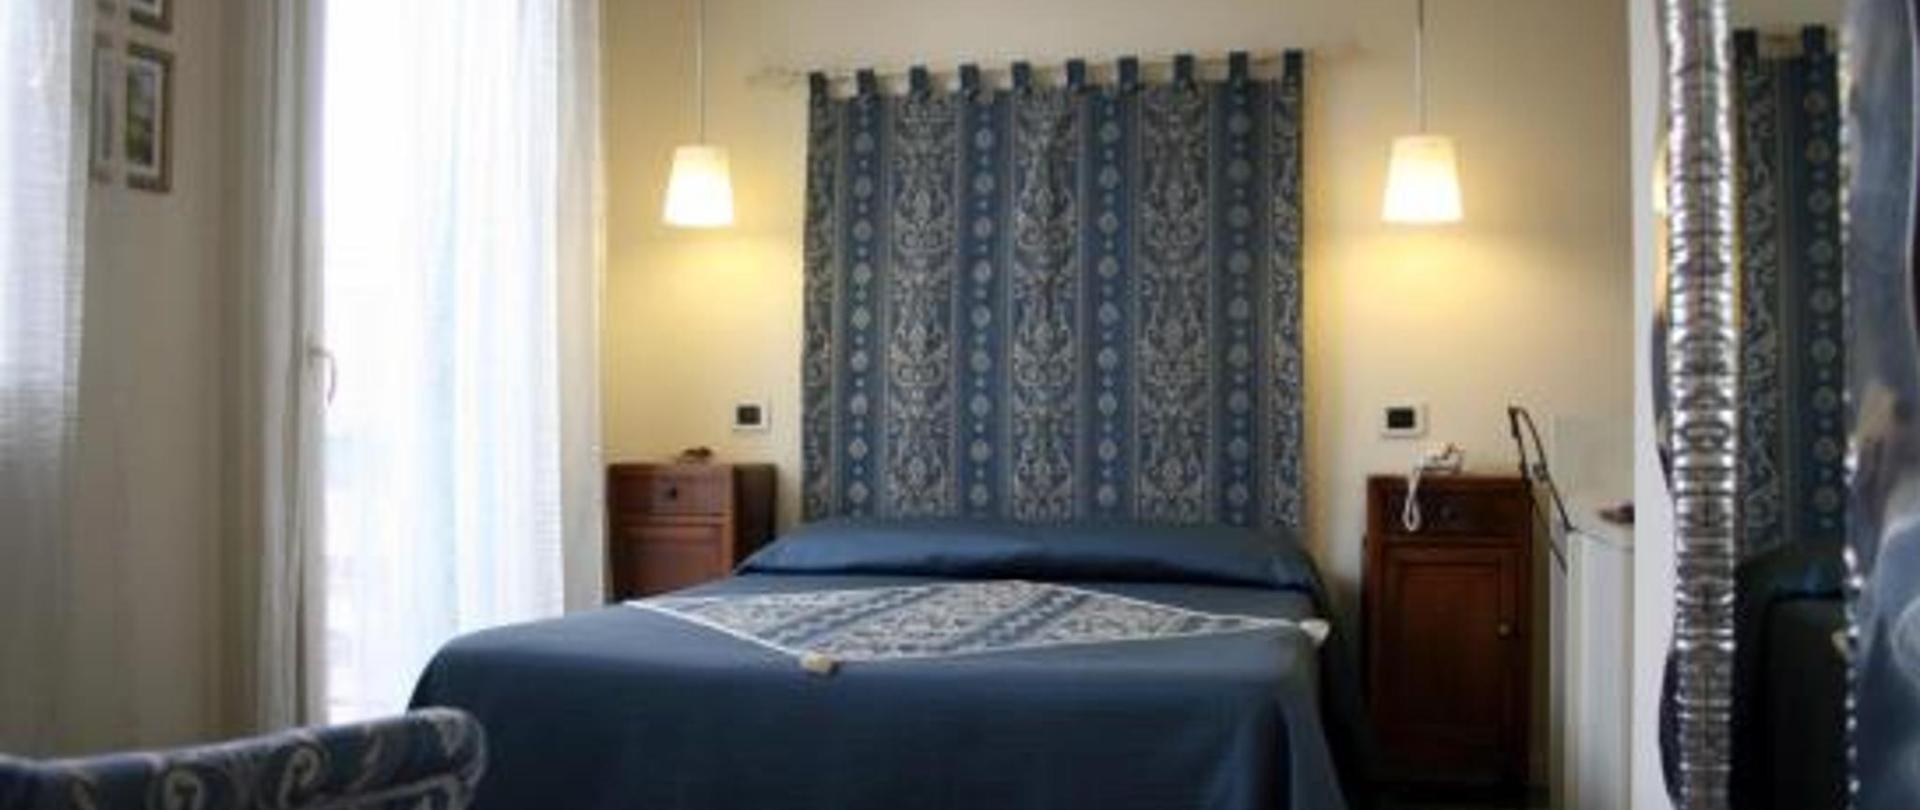 ξενοδοχείο-cristina-vicenza-015.jpg